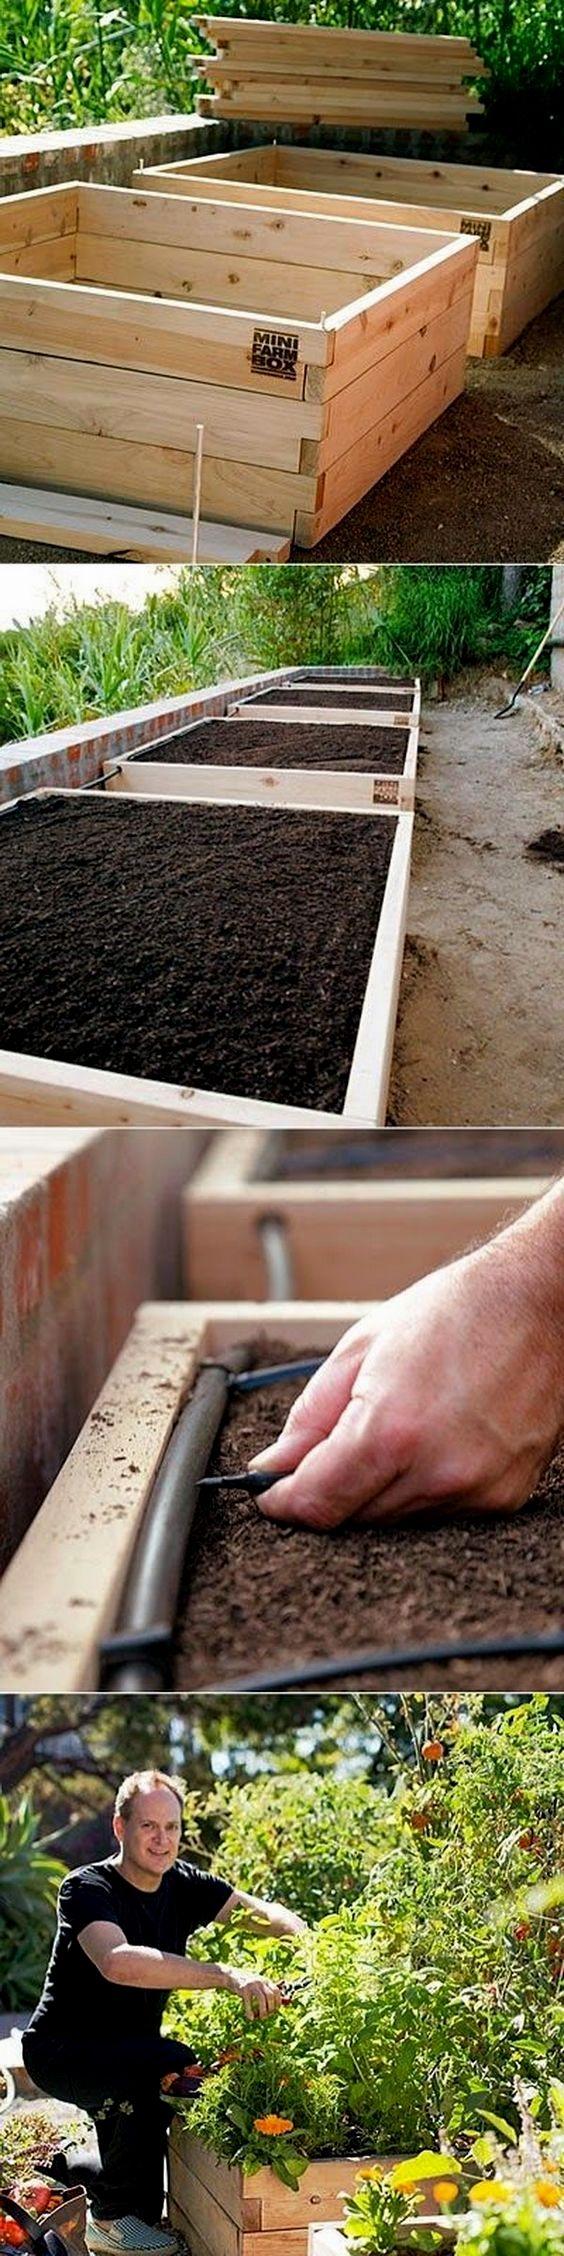 Vegetable (2020) Vegetable garden raised beds, Organic